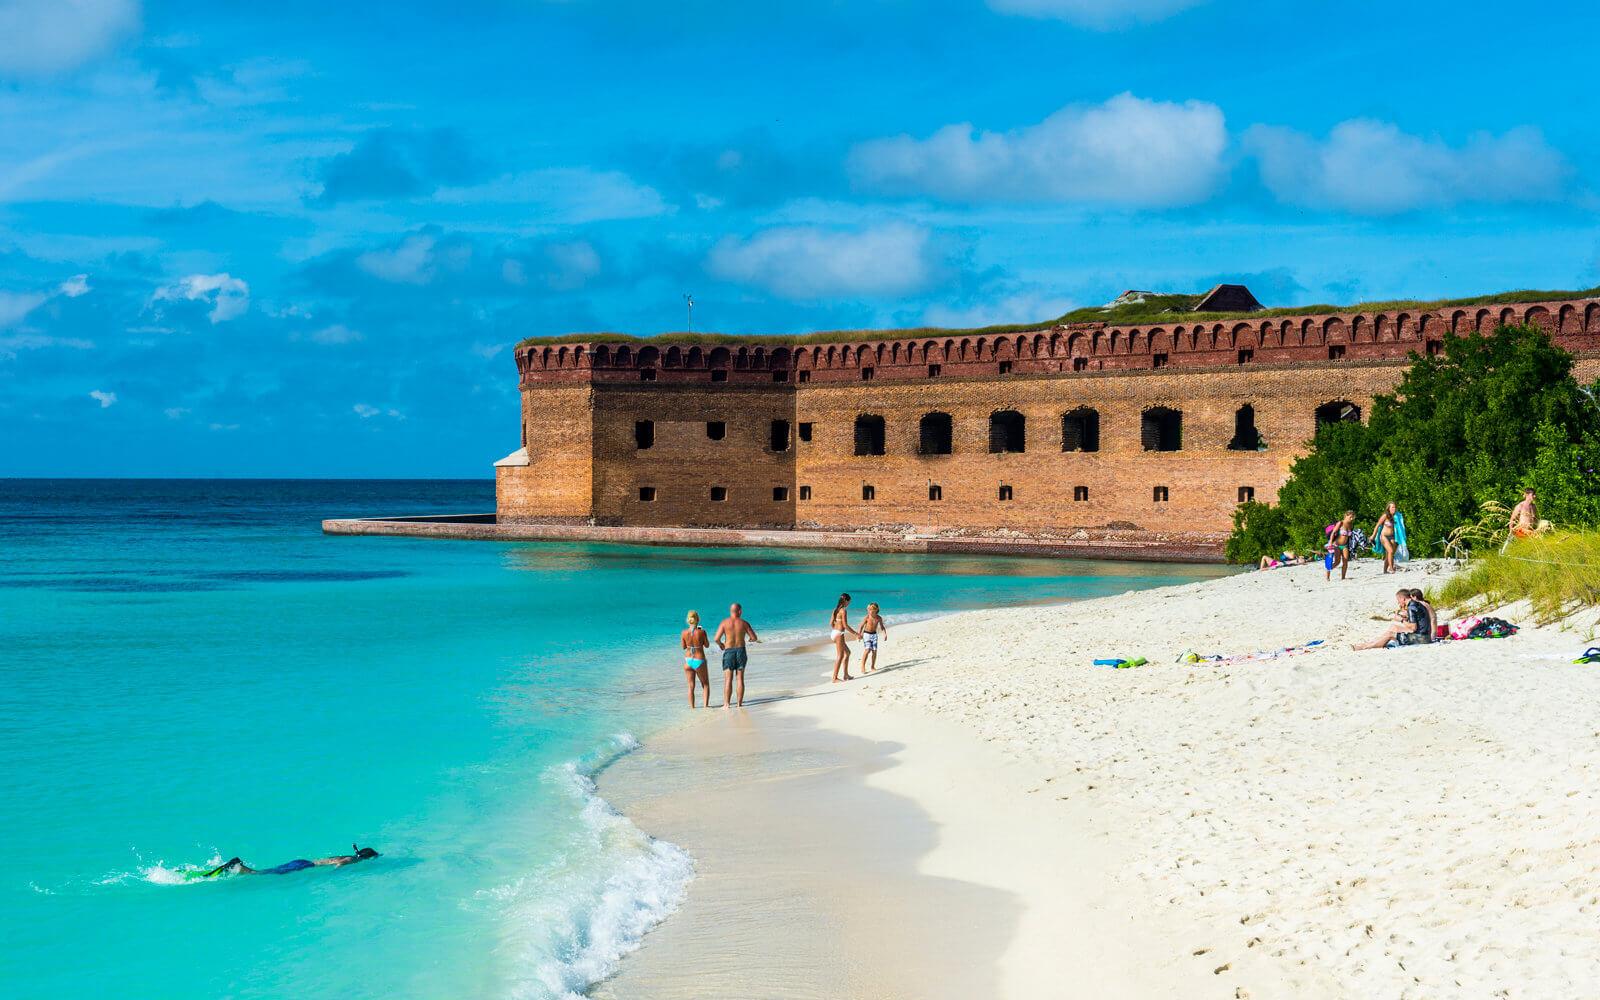 Pontos turísticos em Key West: Dry Tortugas National Park - Fort Jefferson